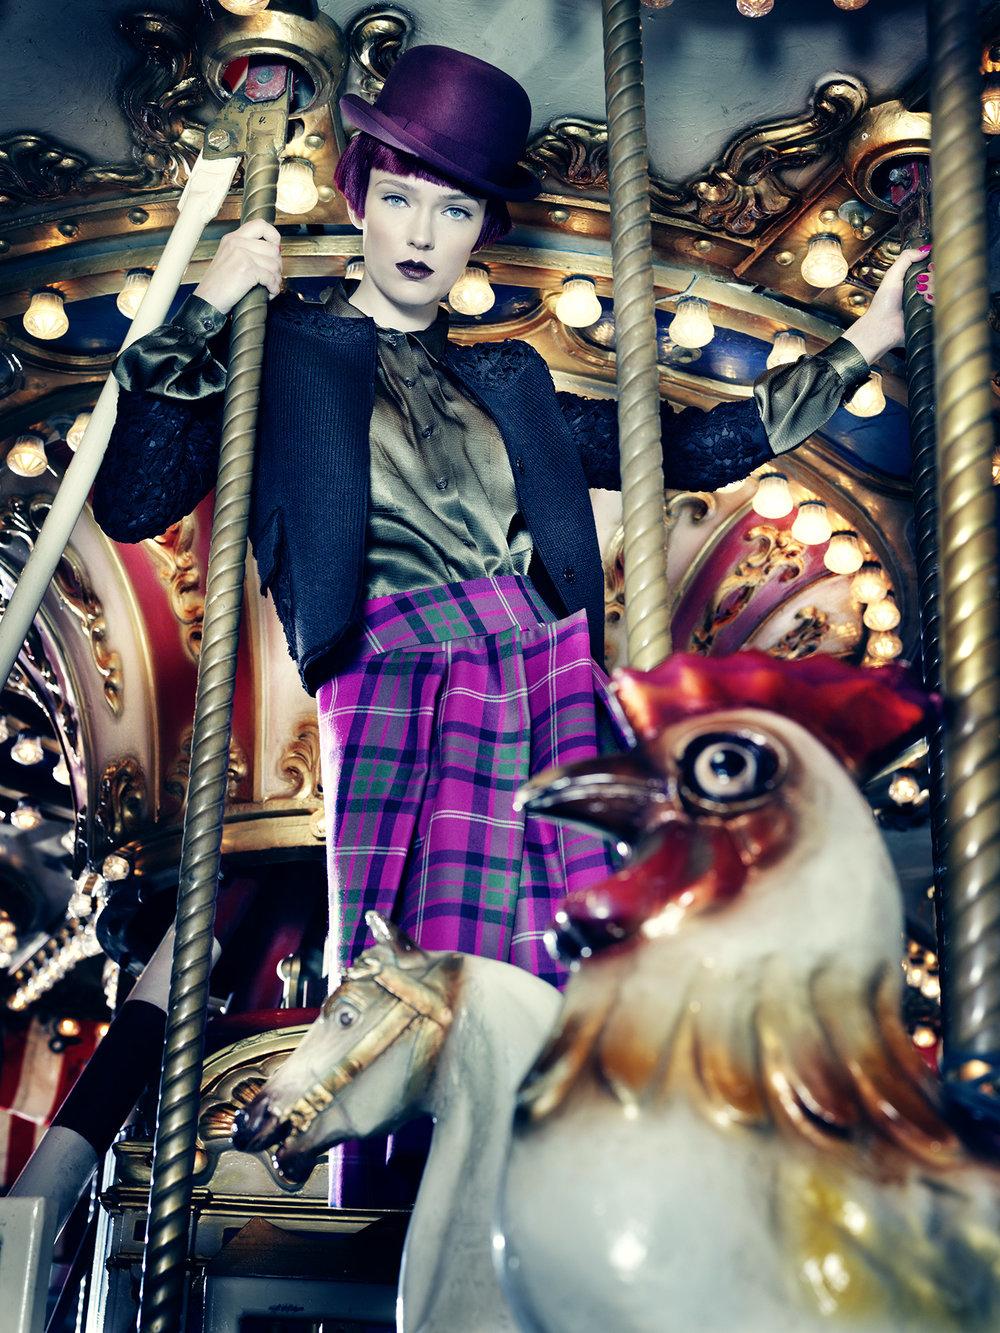 Anatol de cap rouge - merry go round - purple bowler hat